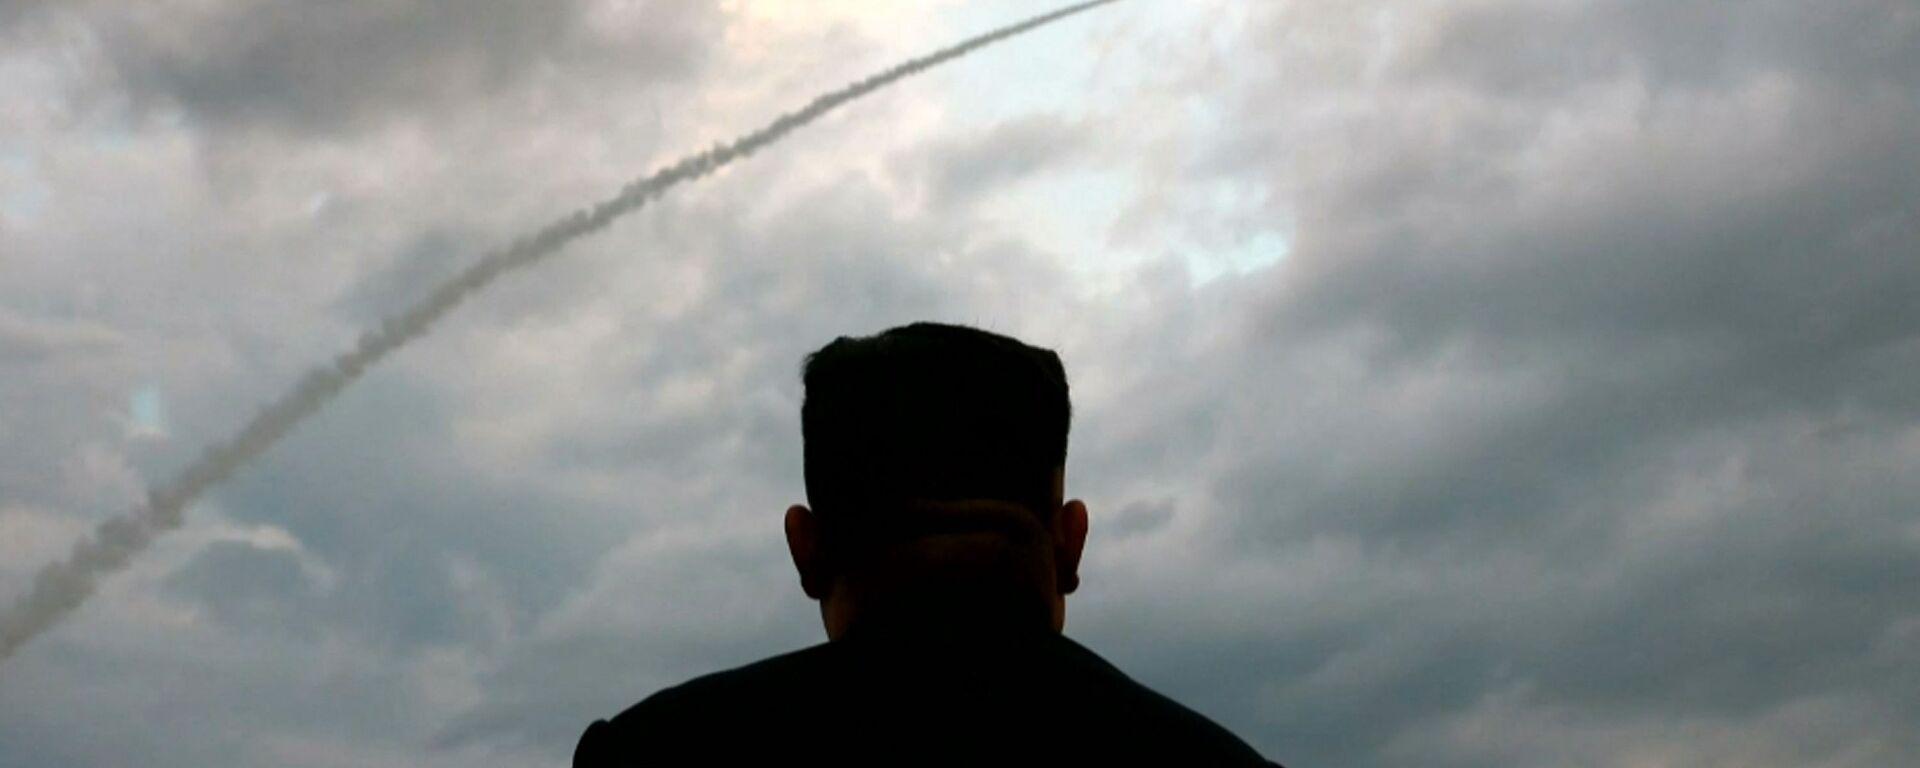 Il leader nordcoreano Kim Jong-un assiste al lancio di un missile balistico - Sputnik Italia, 1920, 28.06.2021